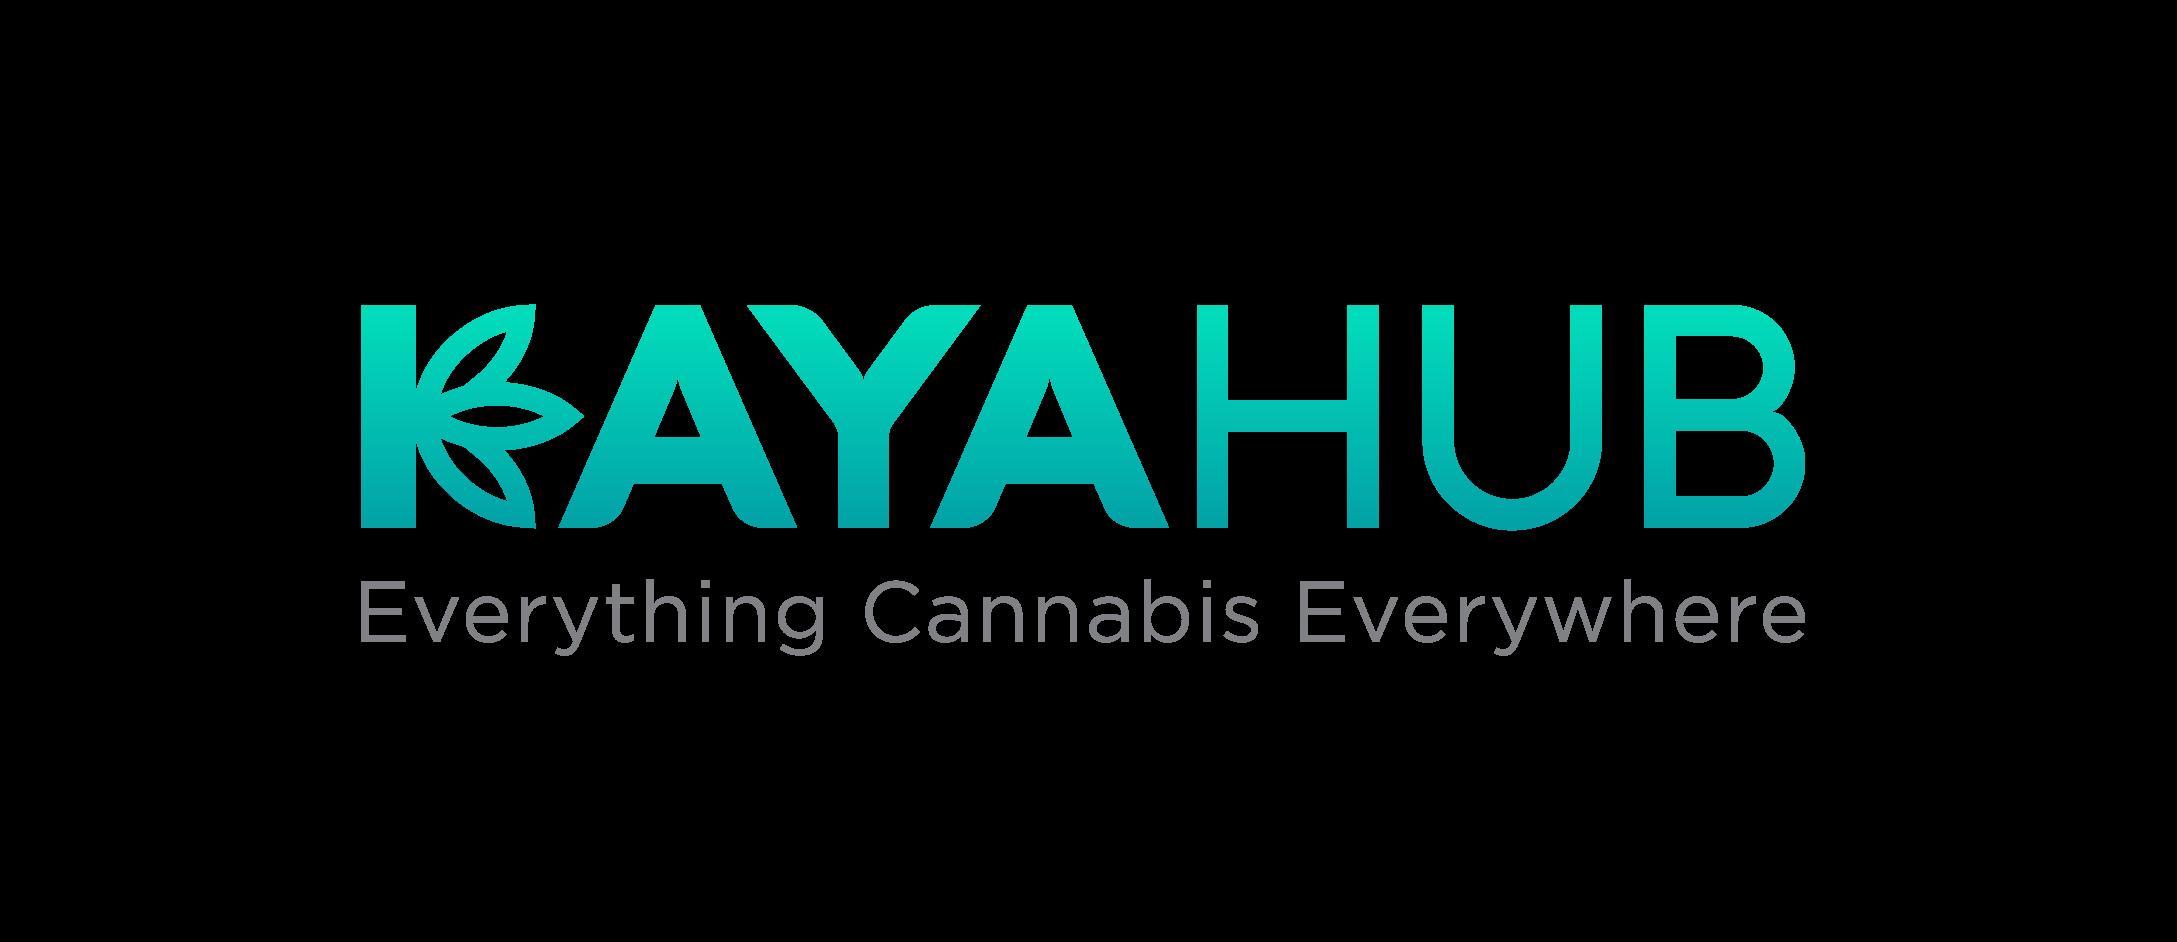 KayaHub